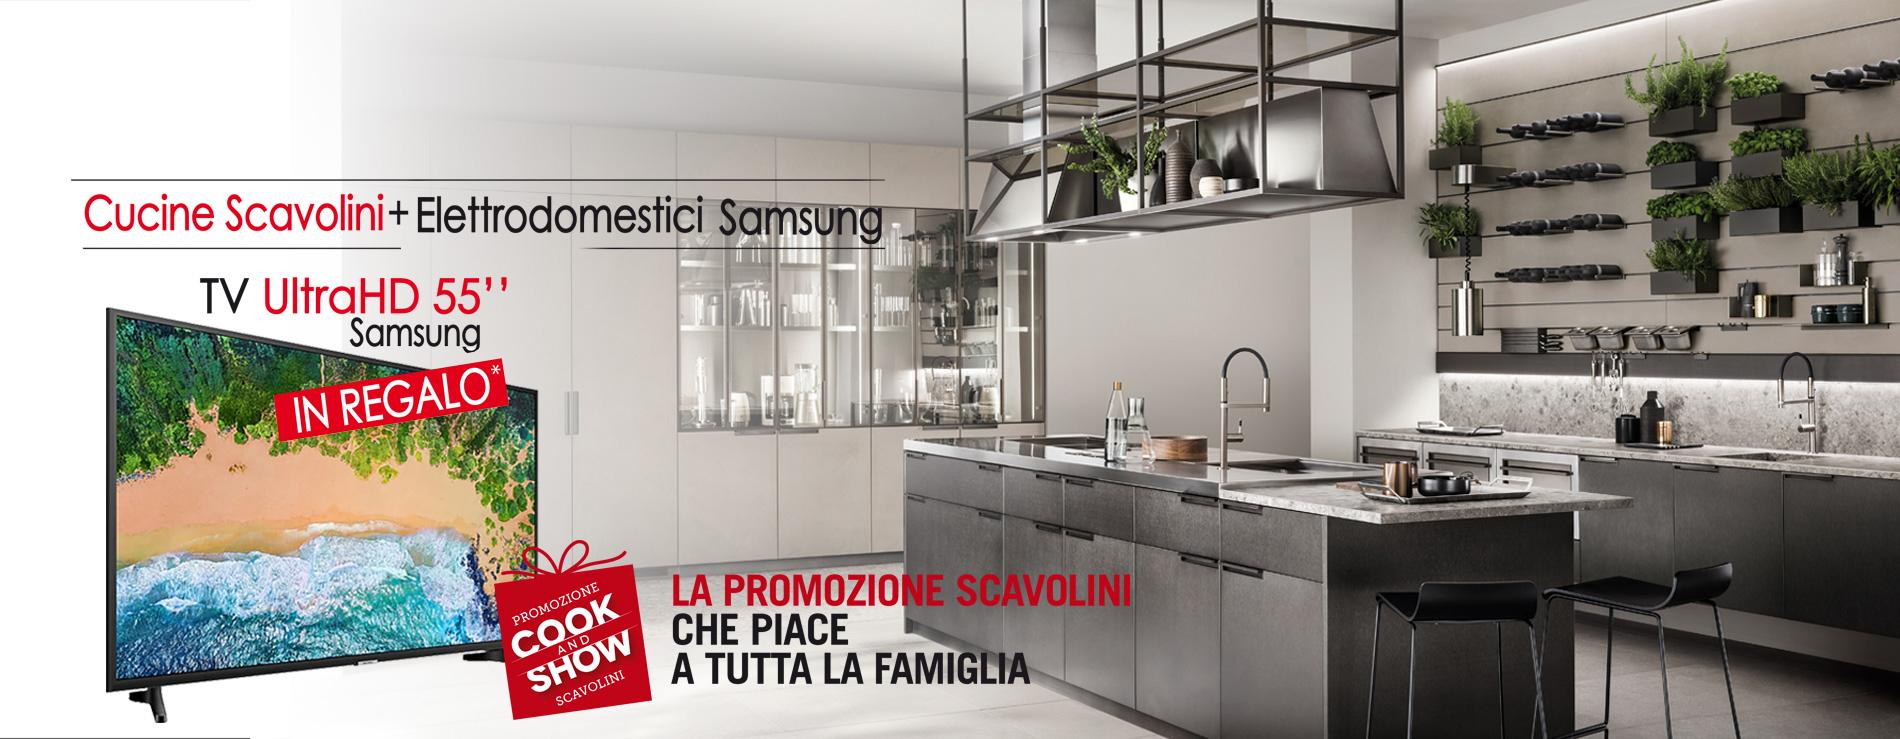 promozione Scavolini 2019